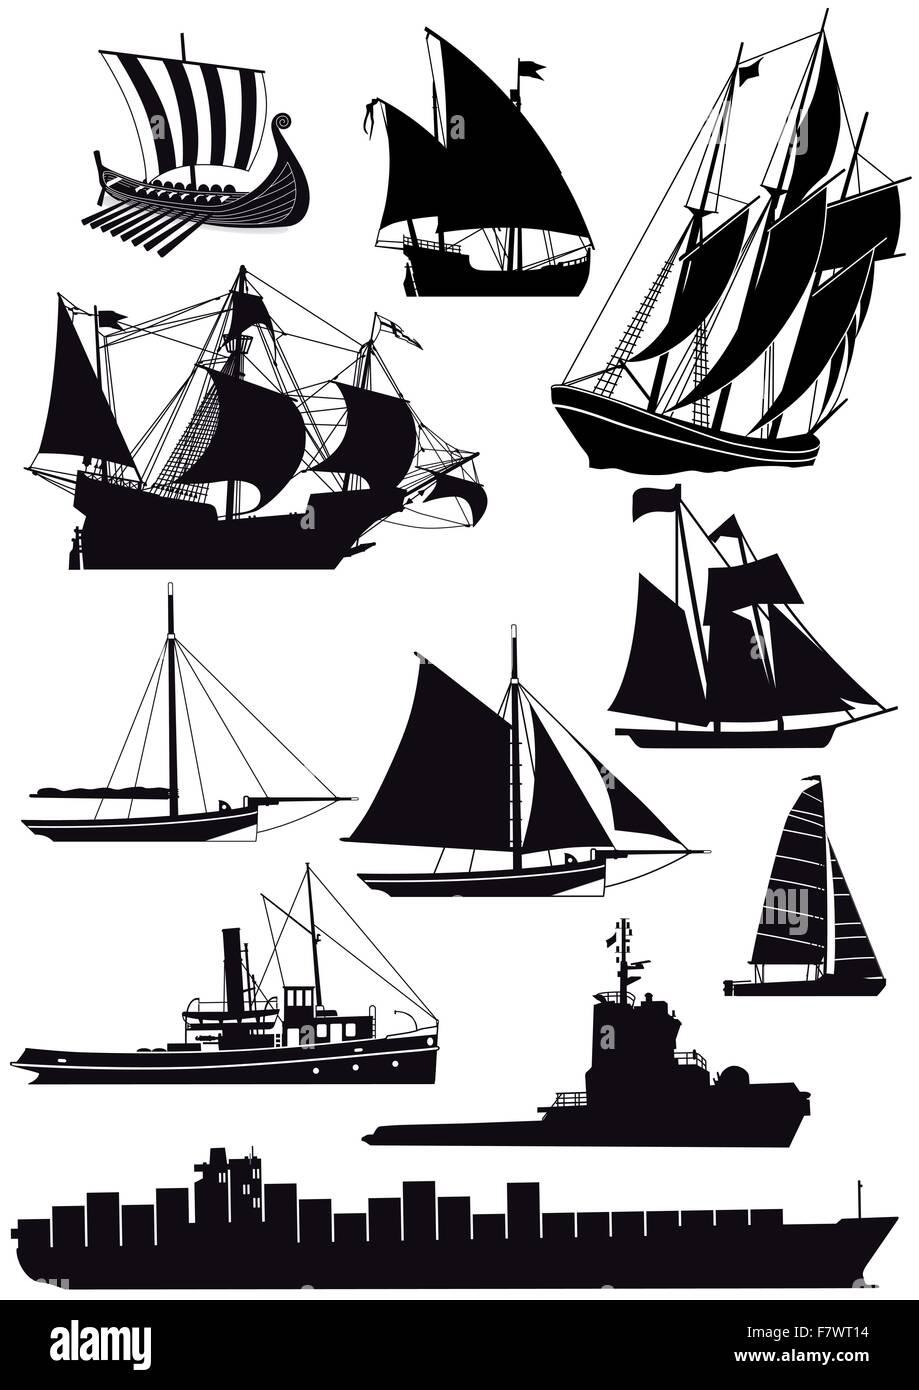 Ships and sailing ships - Stock Image